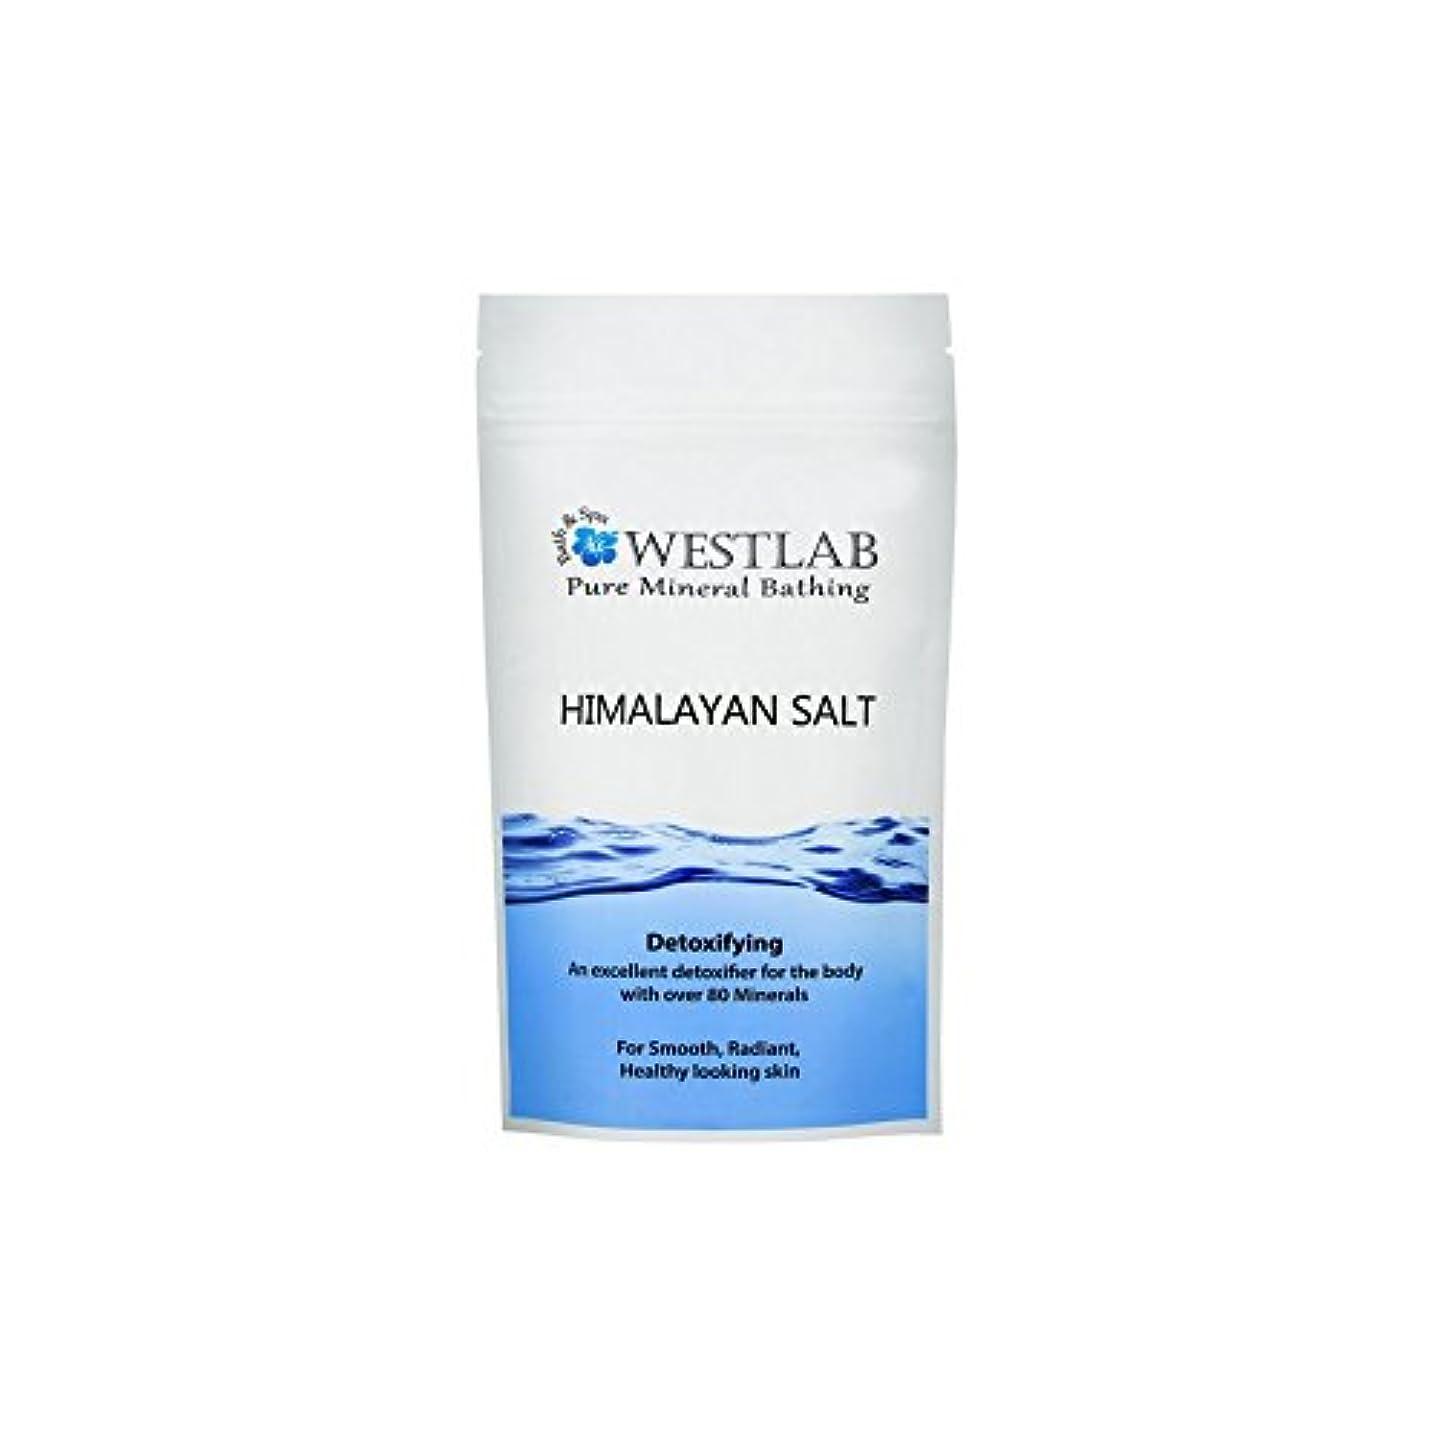 天国透けて見える高度なヒマラヤ塩の1キロ x4 - Westlab Himalayan Salt 1kg (Pack of 4) [並行輸入品]